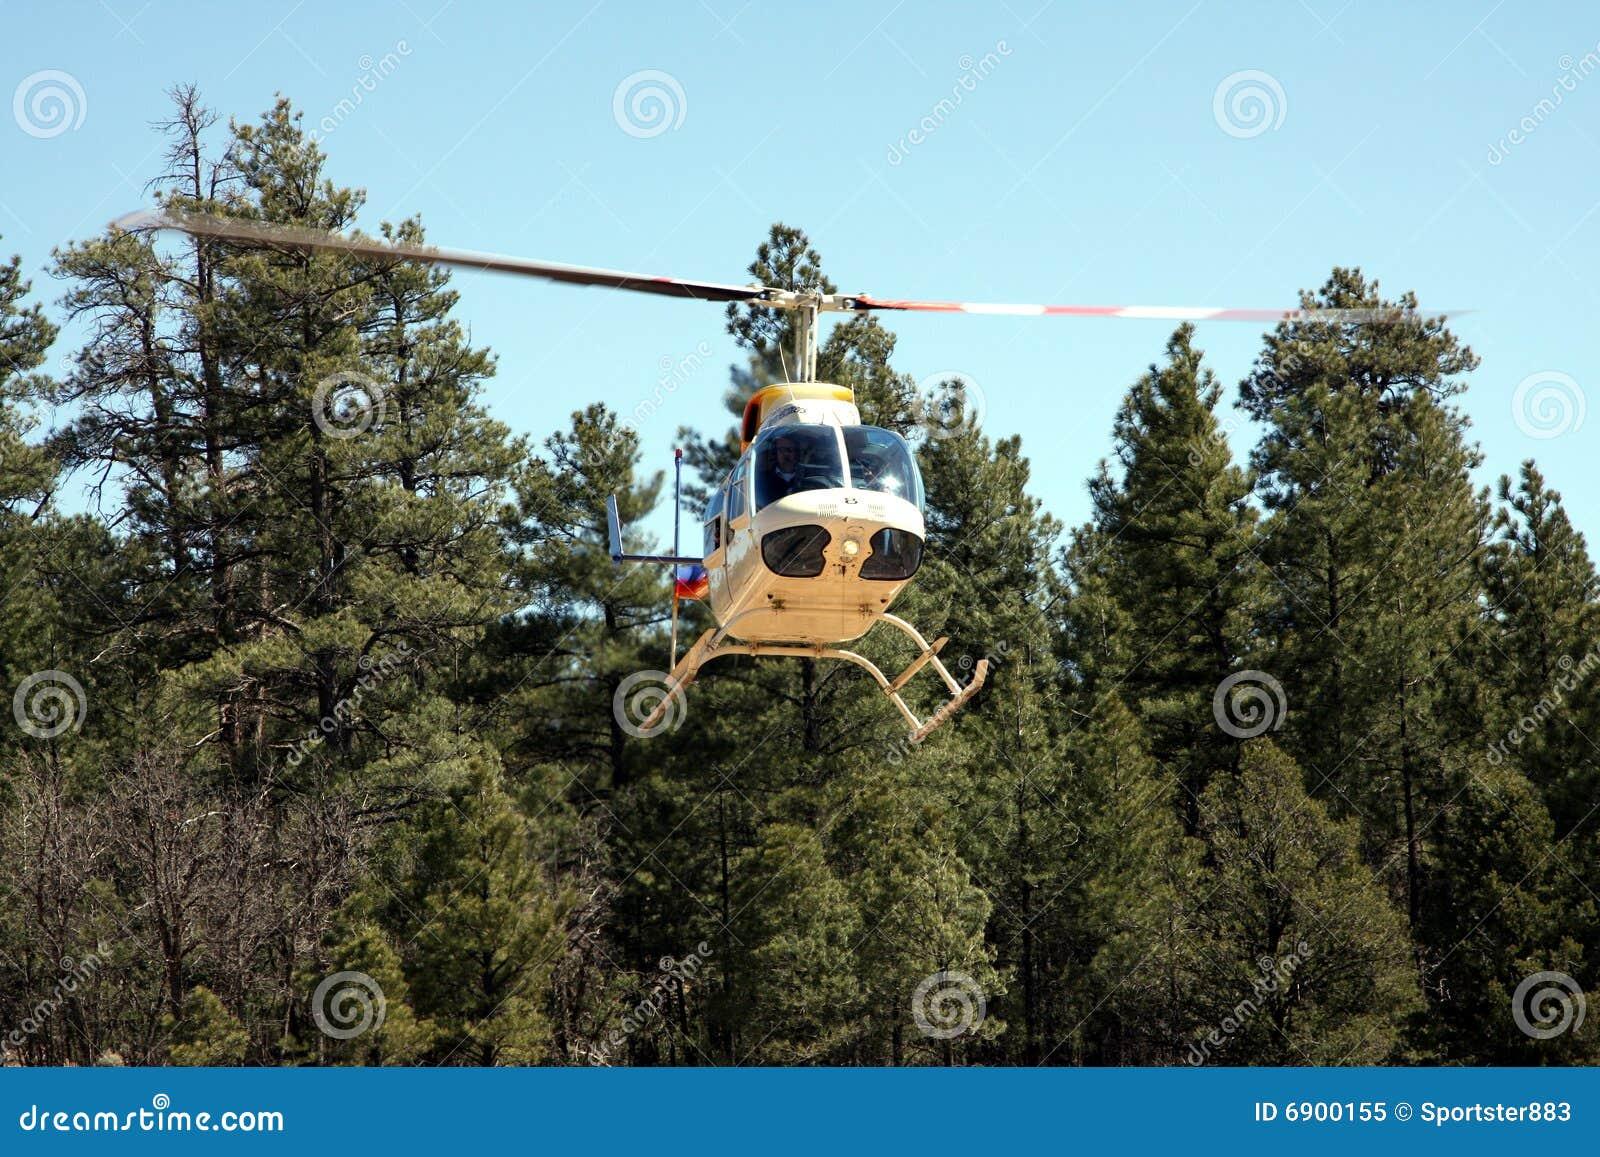 Helikopter in bos